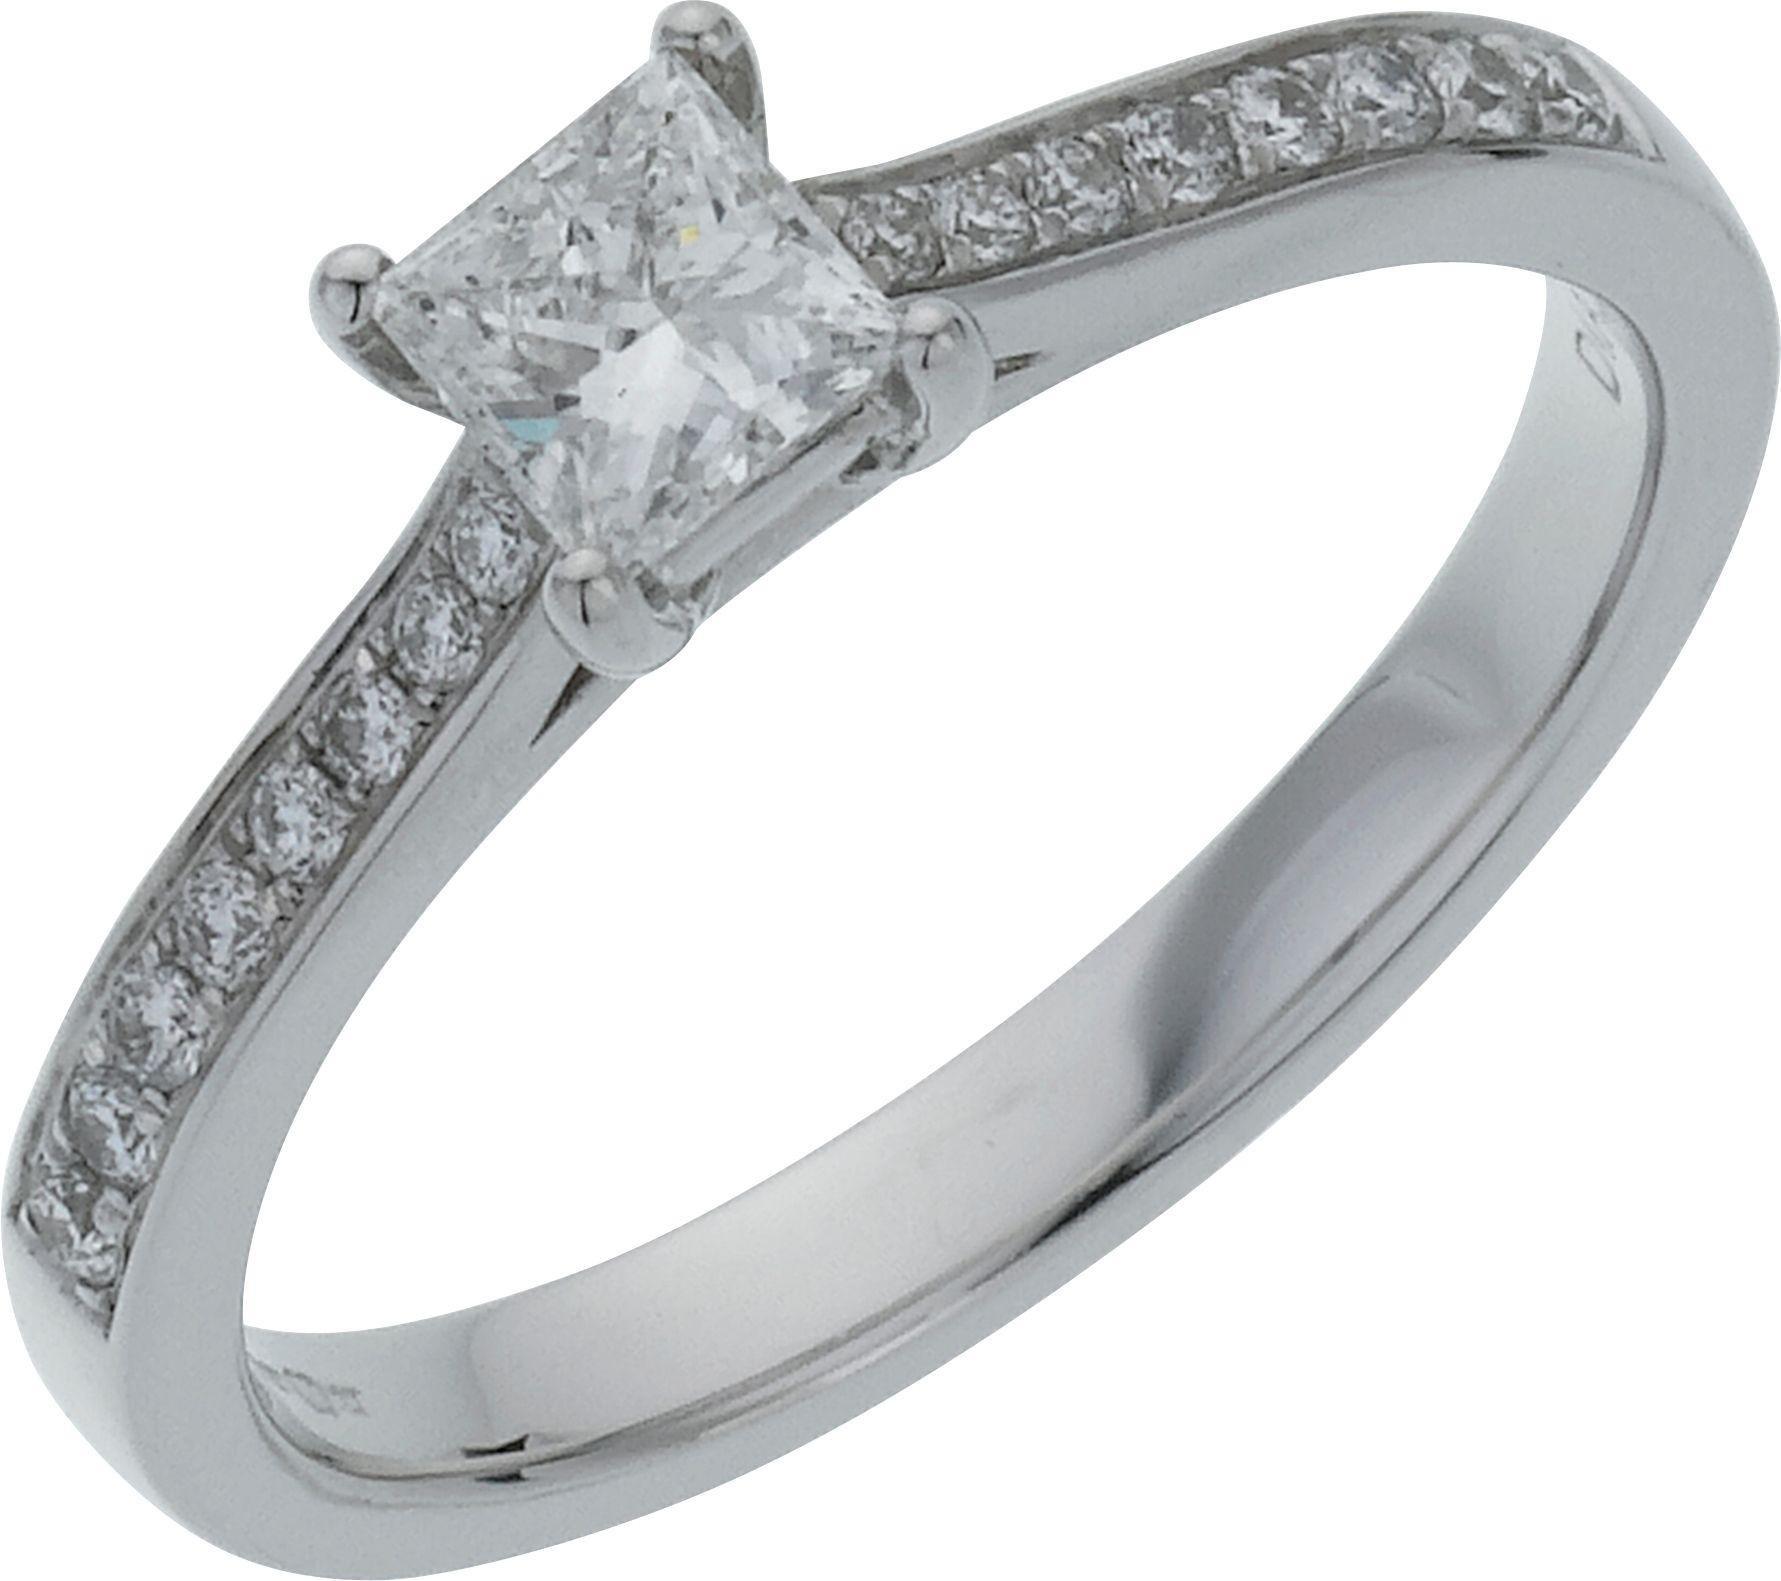 18 Carat White Gold 050 Carat Diamond - Princess Cut Shoulder Ring- N